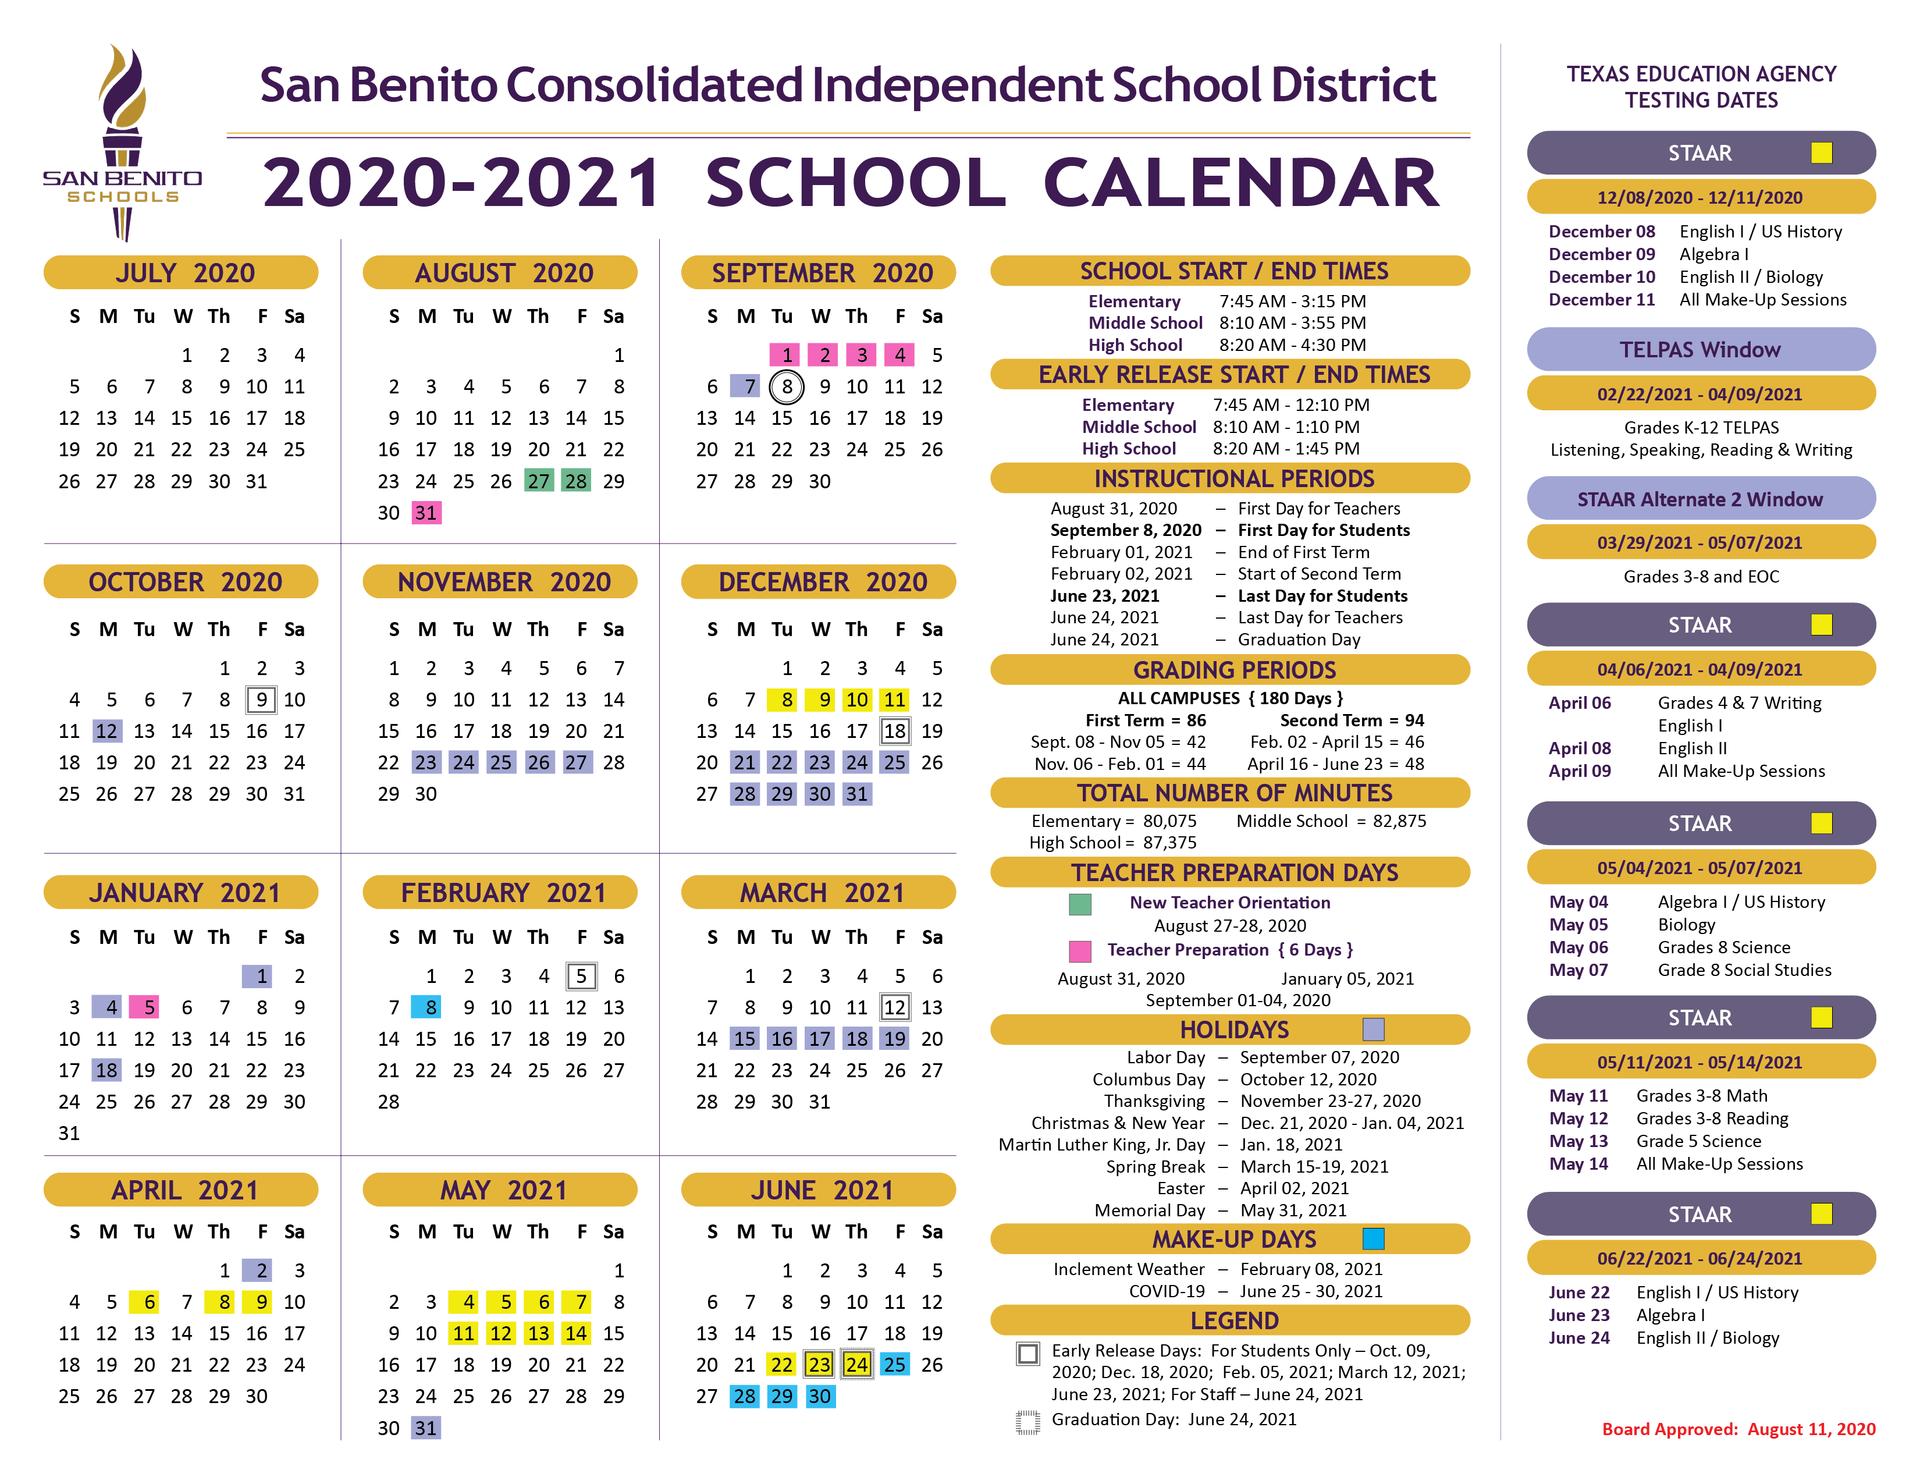 Sbisd Calendar 2022.Miller Jordan Middle School